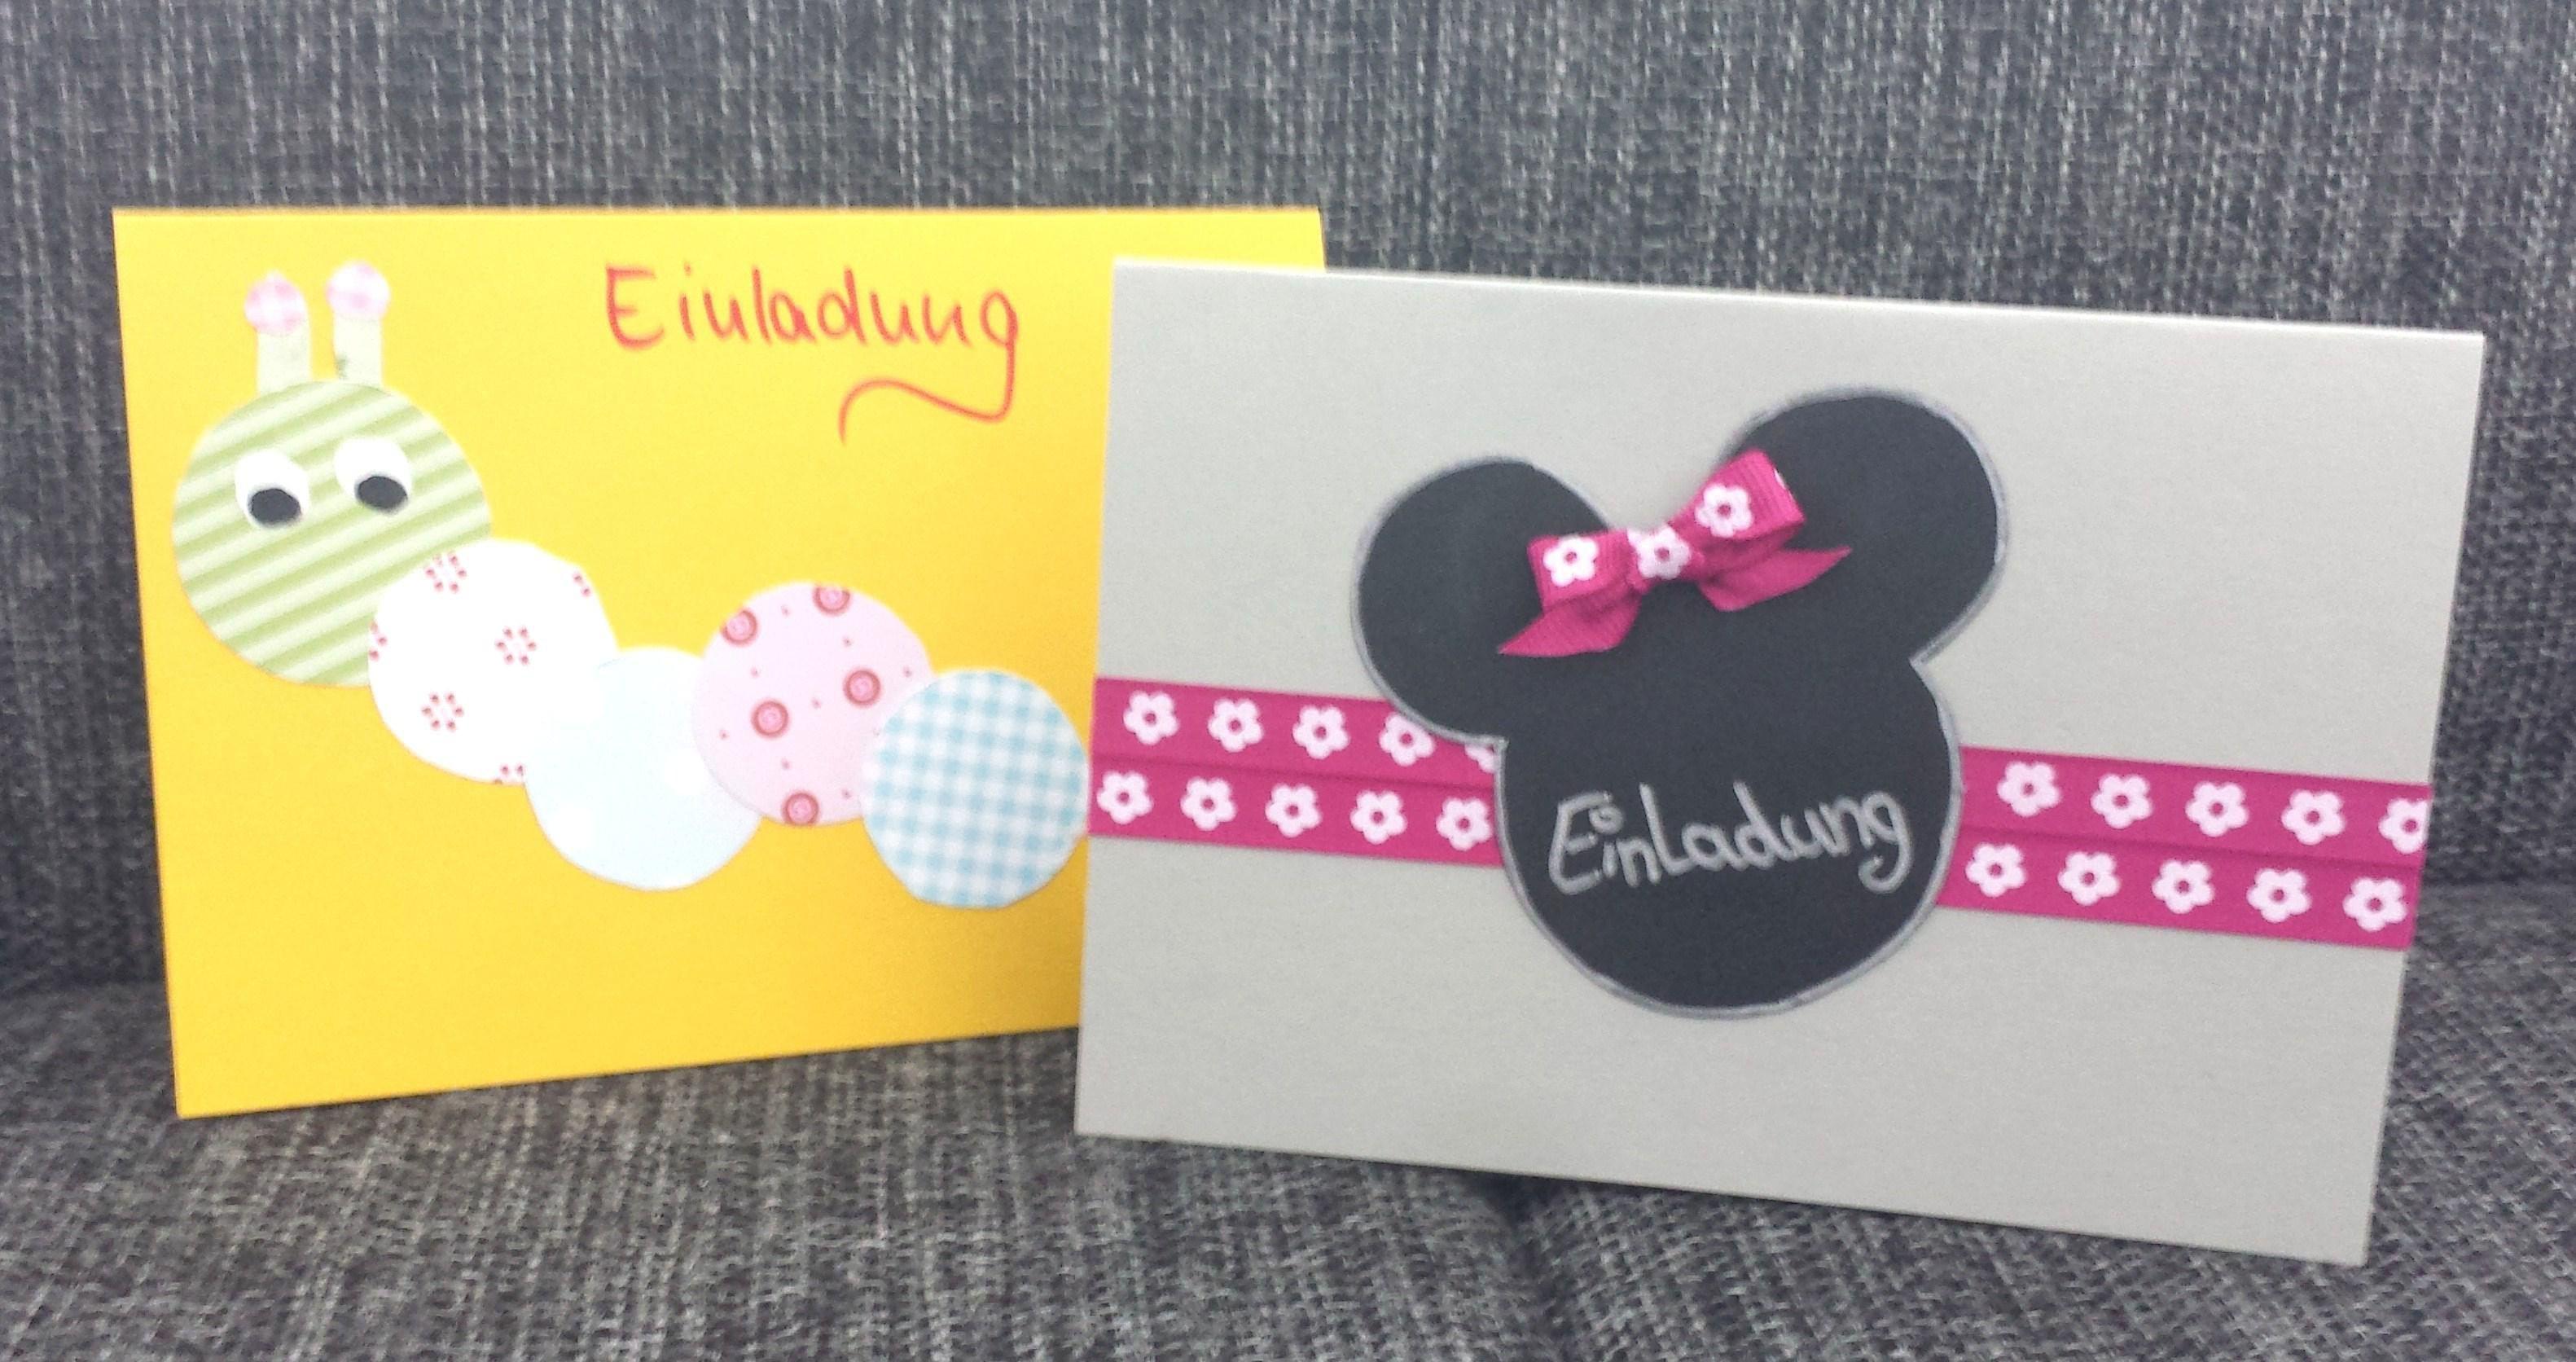 Einladungskarten Kindergeburtstag Selber Basteln   Einladungskarten Ideen